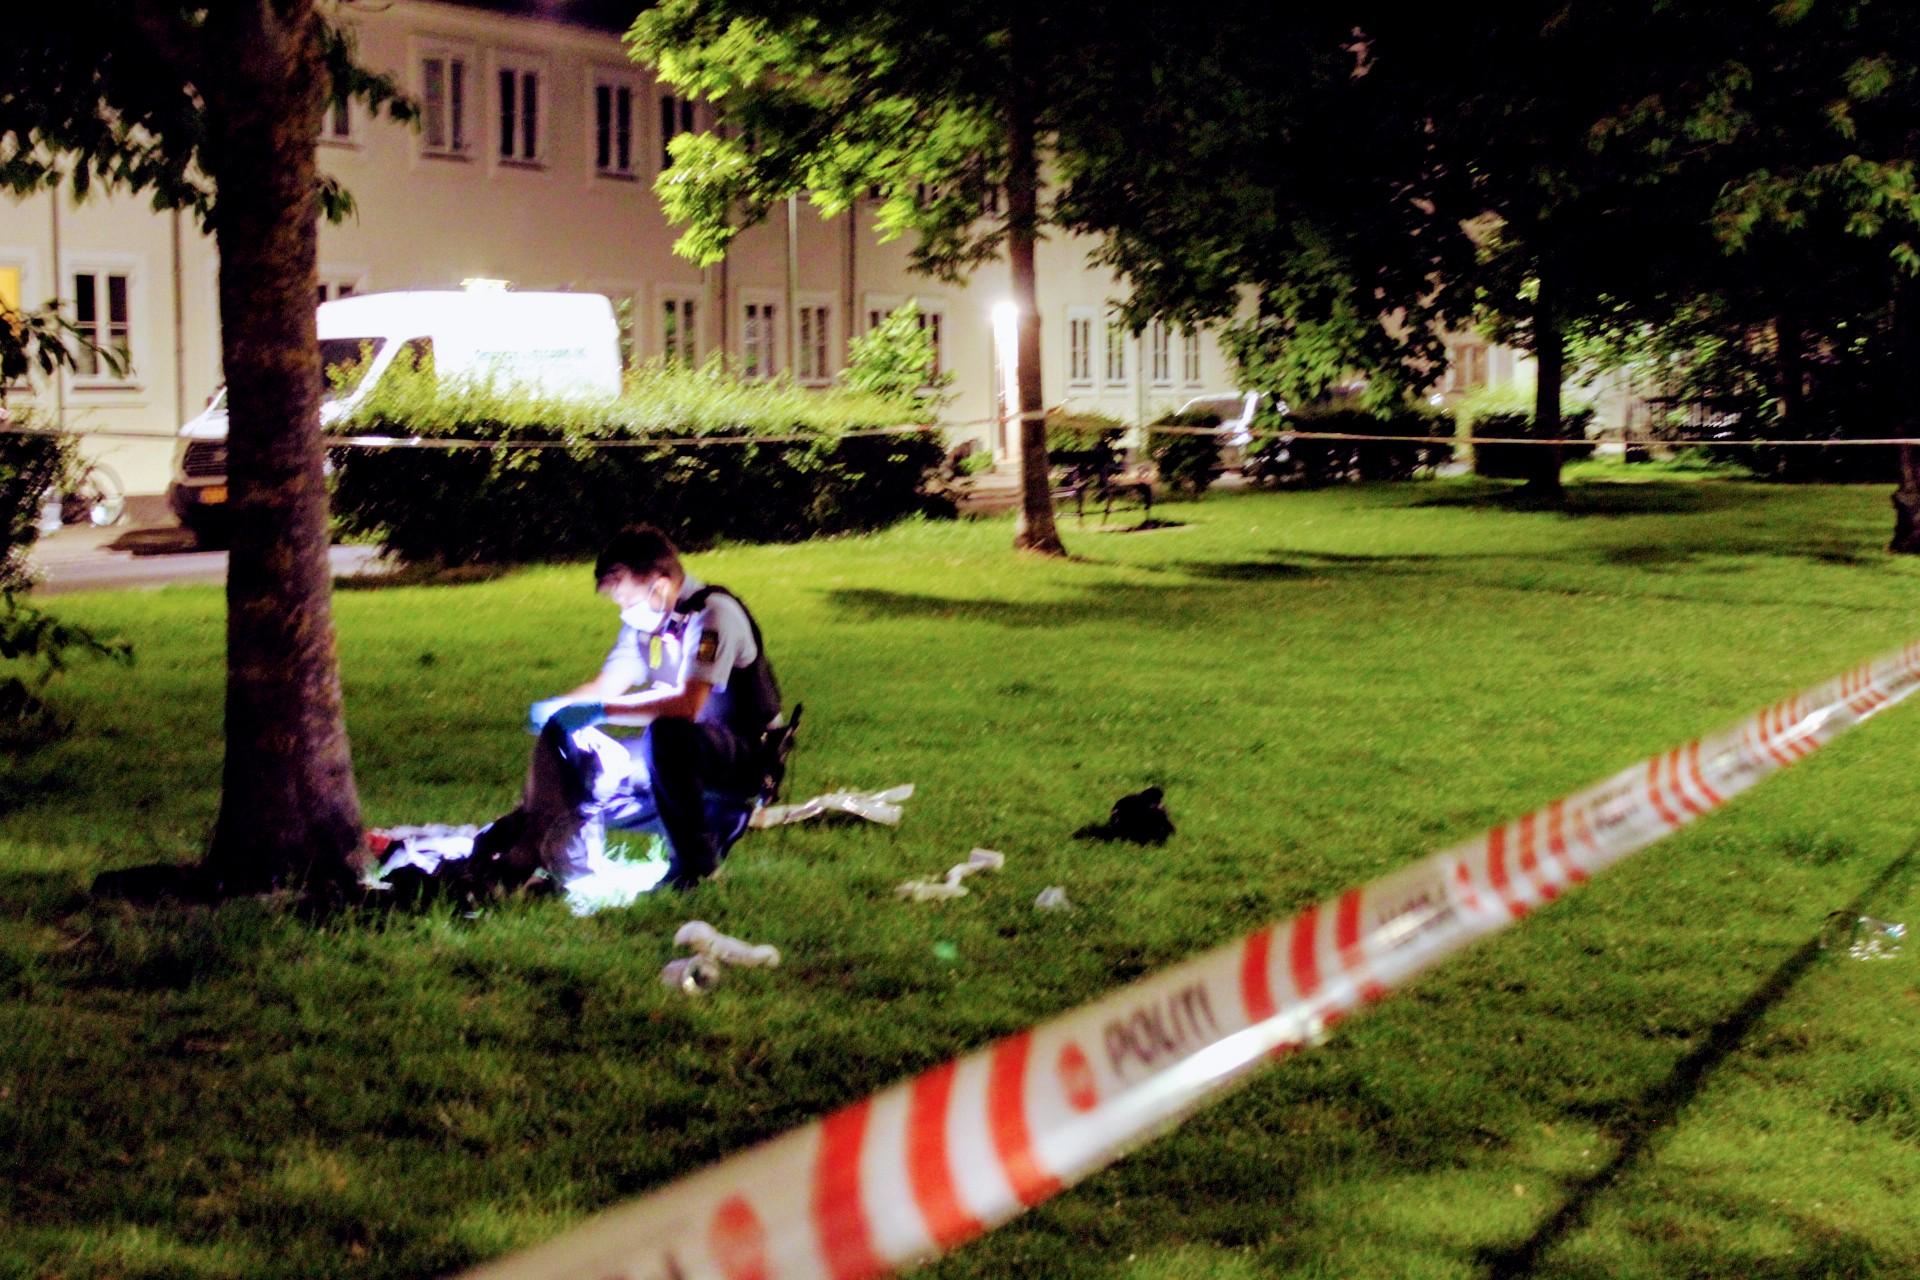 Knivstikkeri i København - ung mand såret